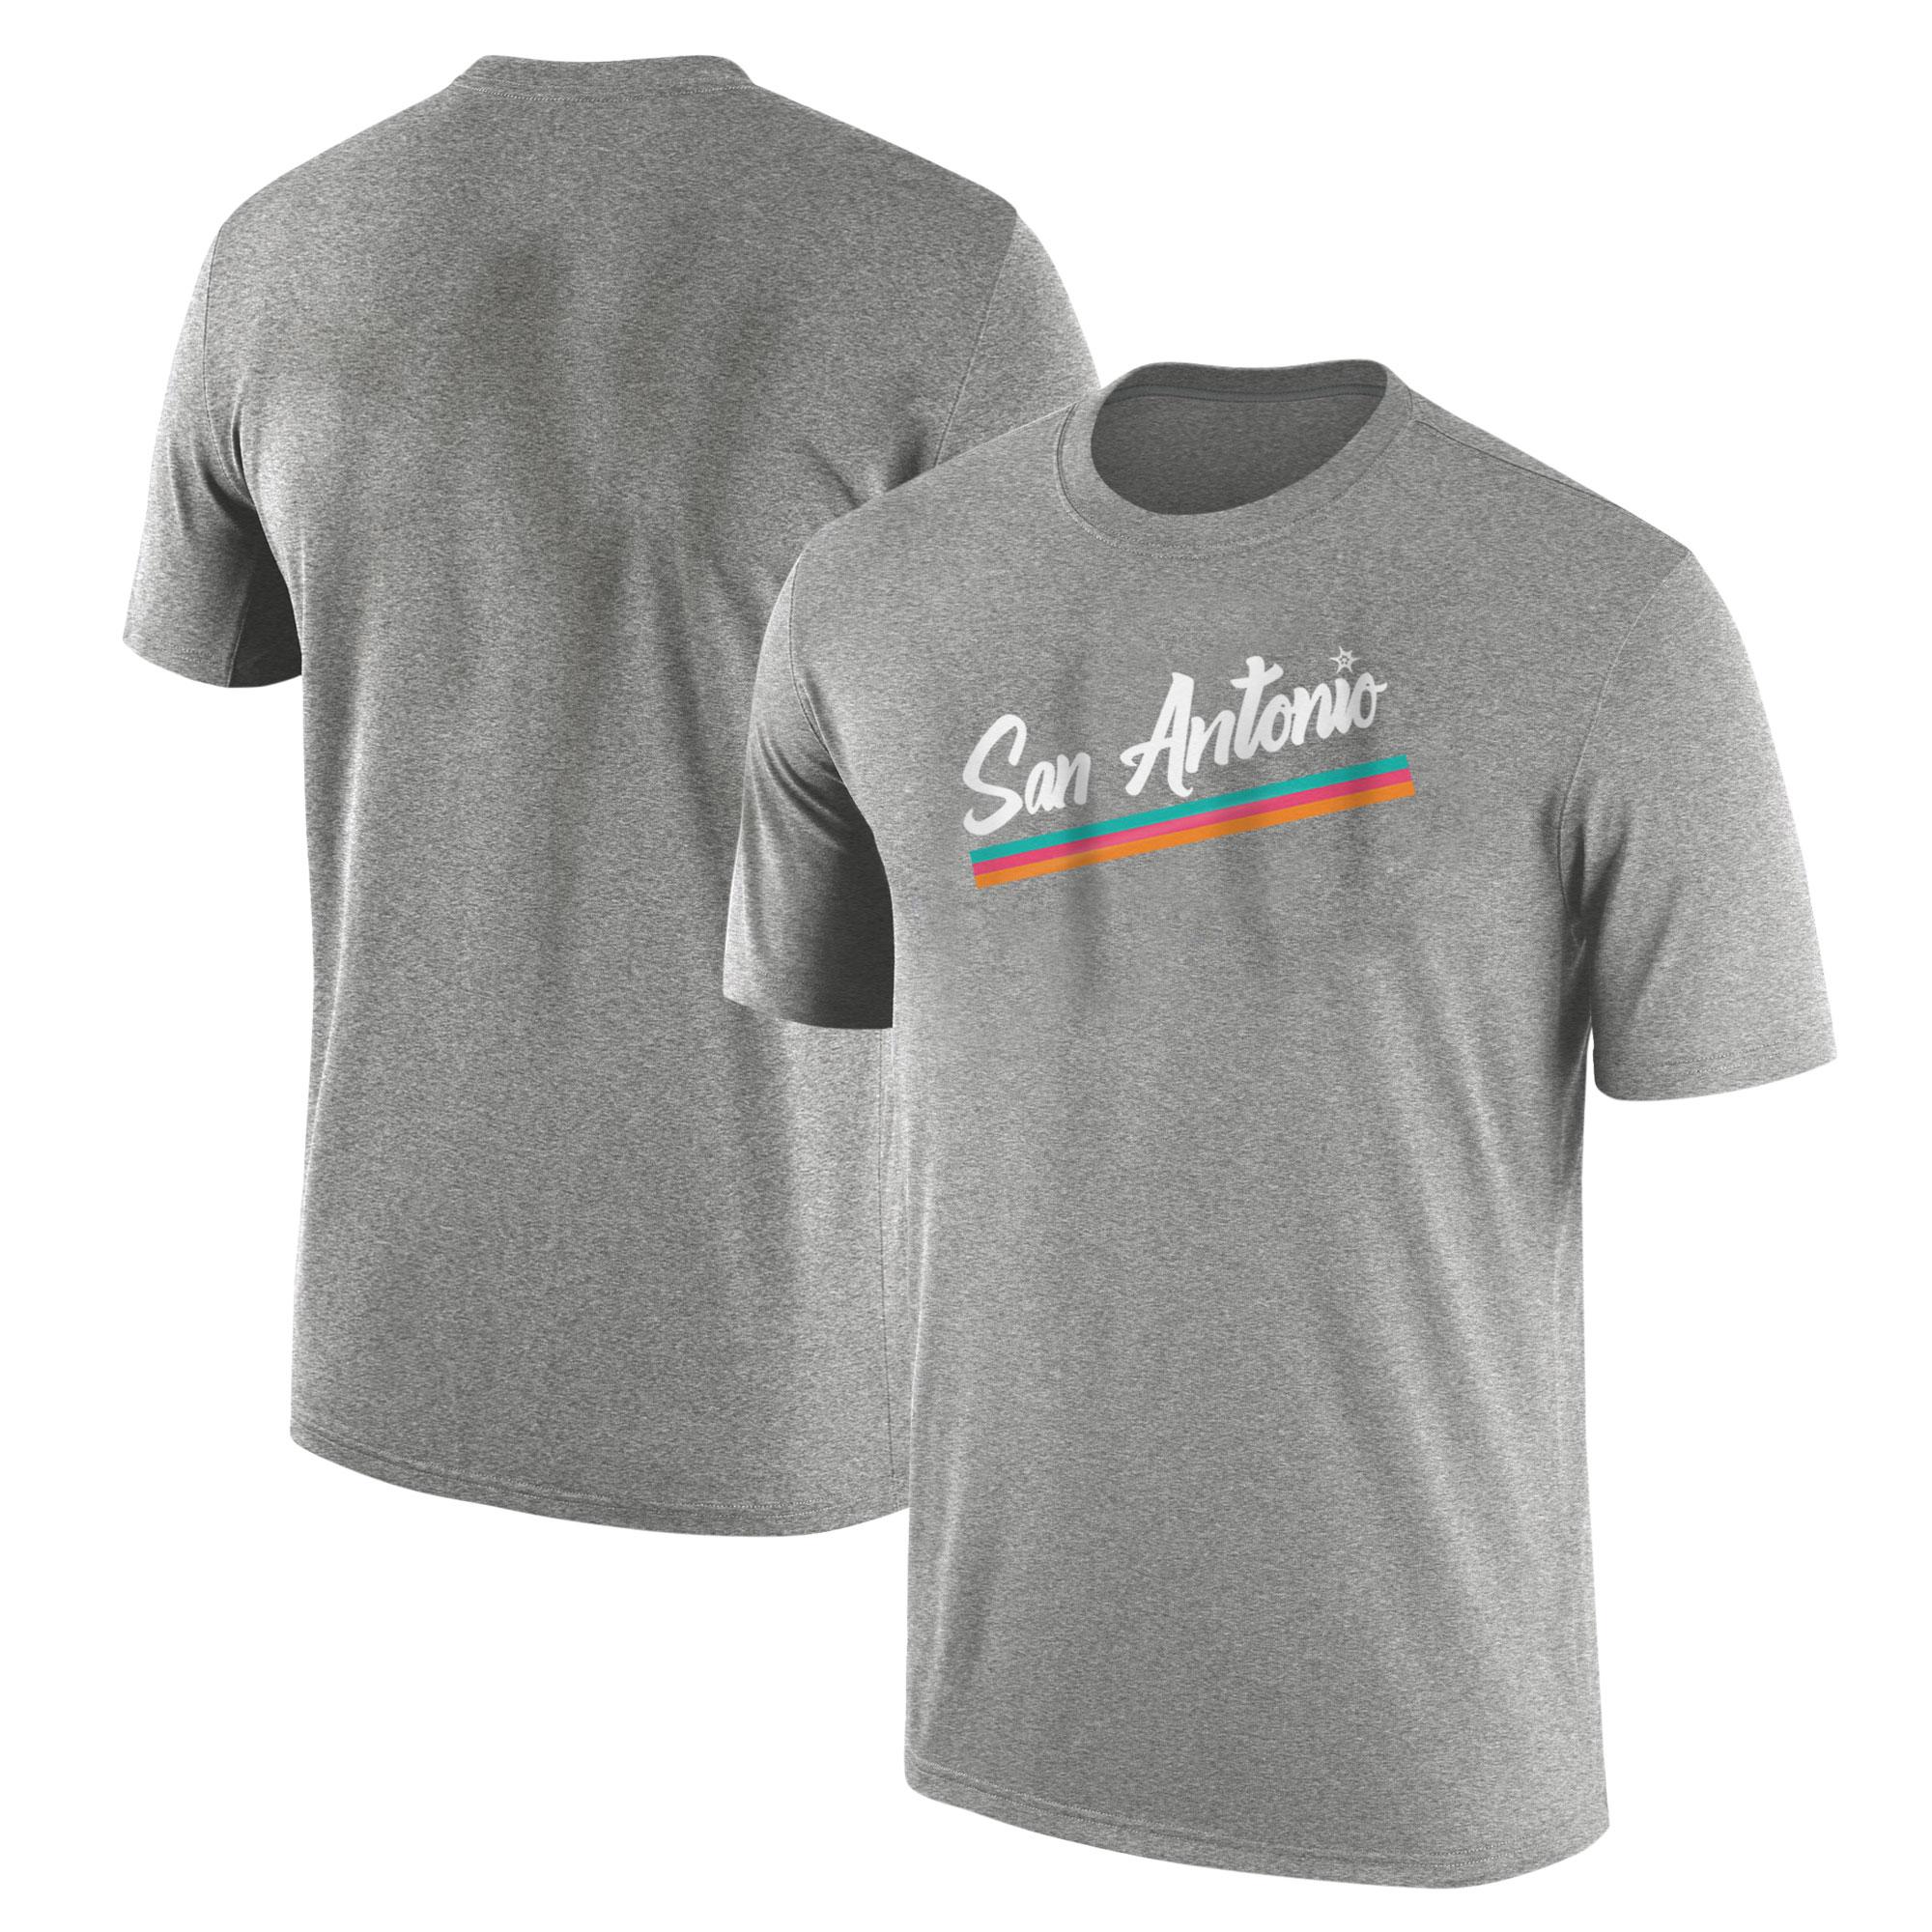 San Antonio Spurs Tshirt (TSH-BLC-496-NBA-SAS)